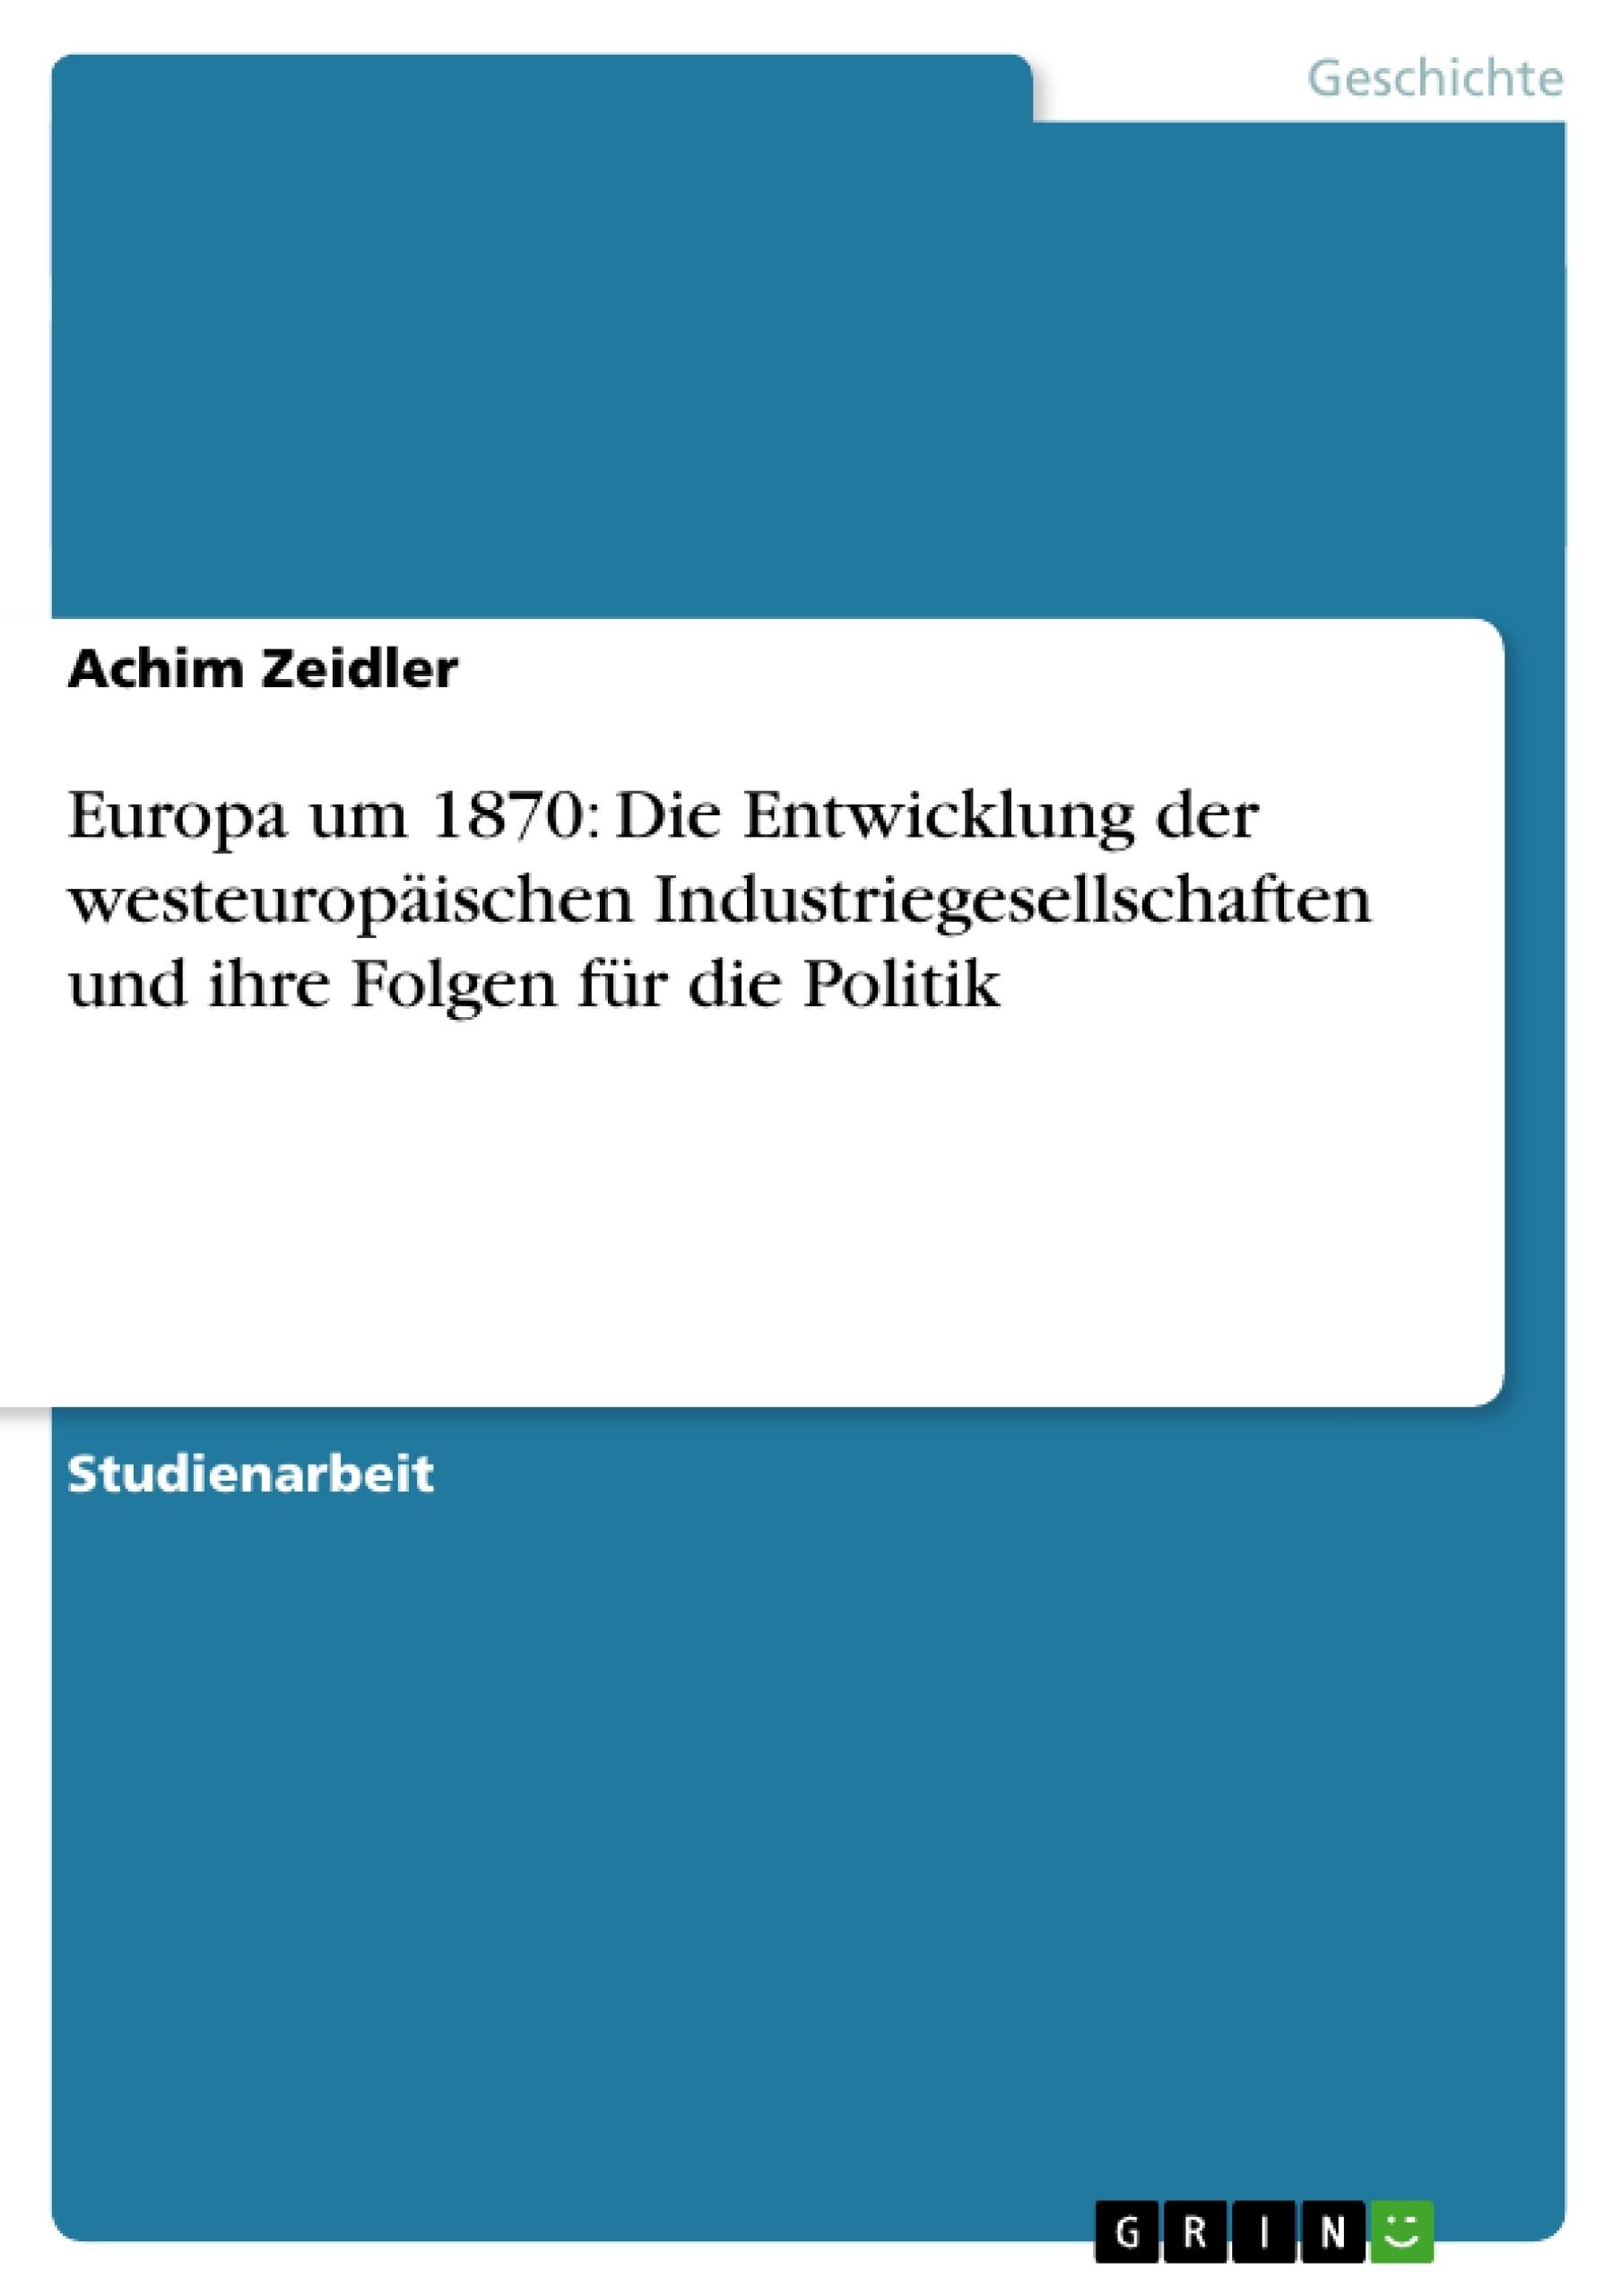 Titel: Europa um 1870: Die Entwicklung der westeuropäischen Industriegesellschaften und ihre Folgen für die Politik